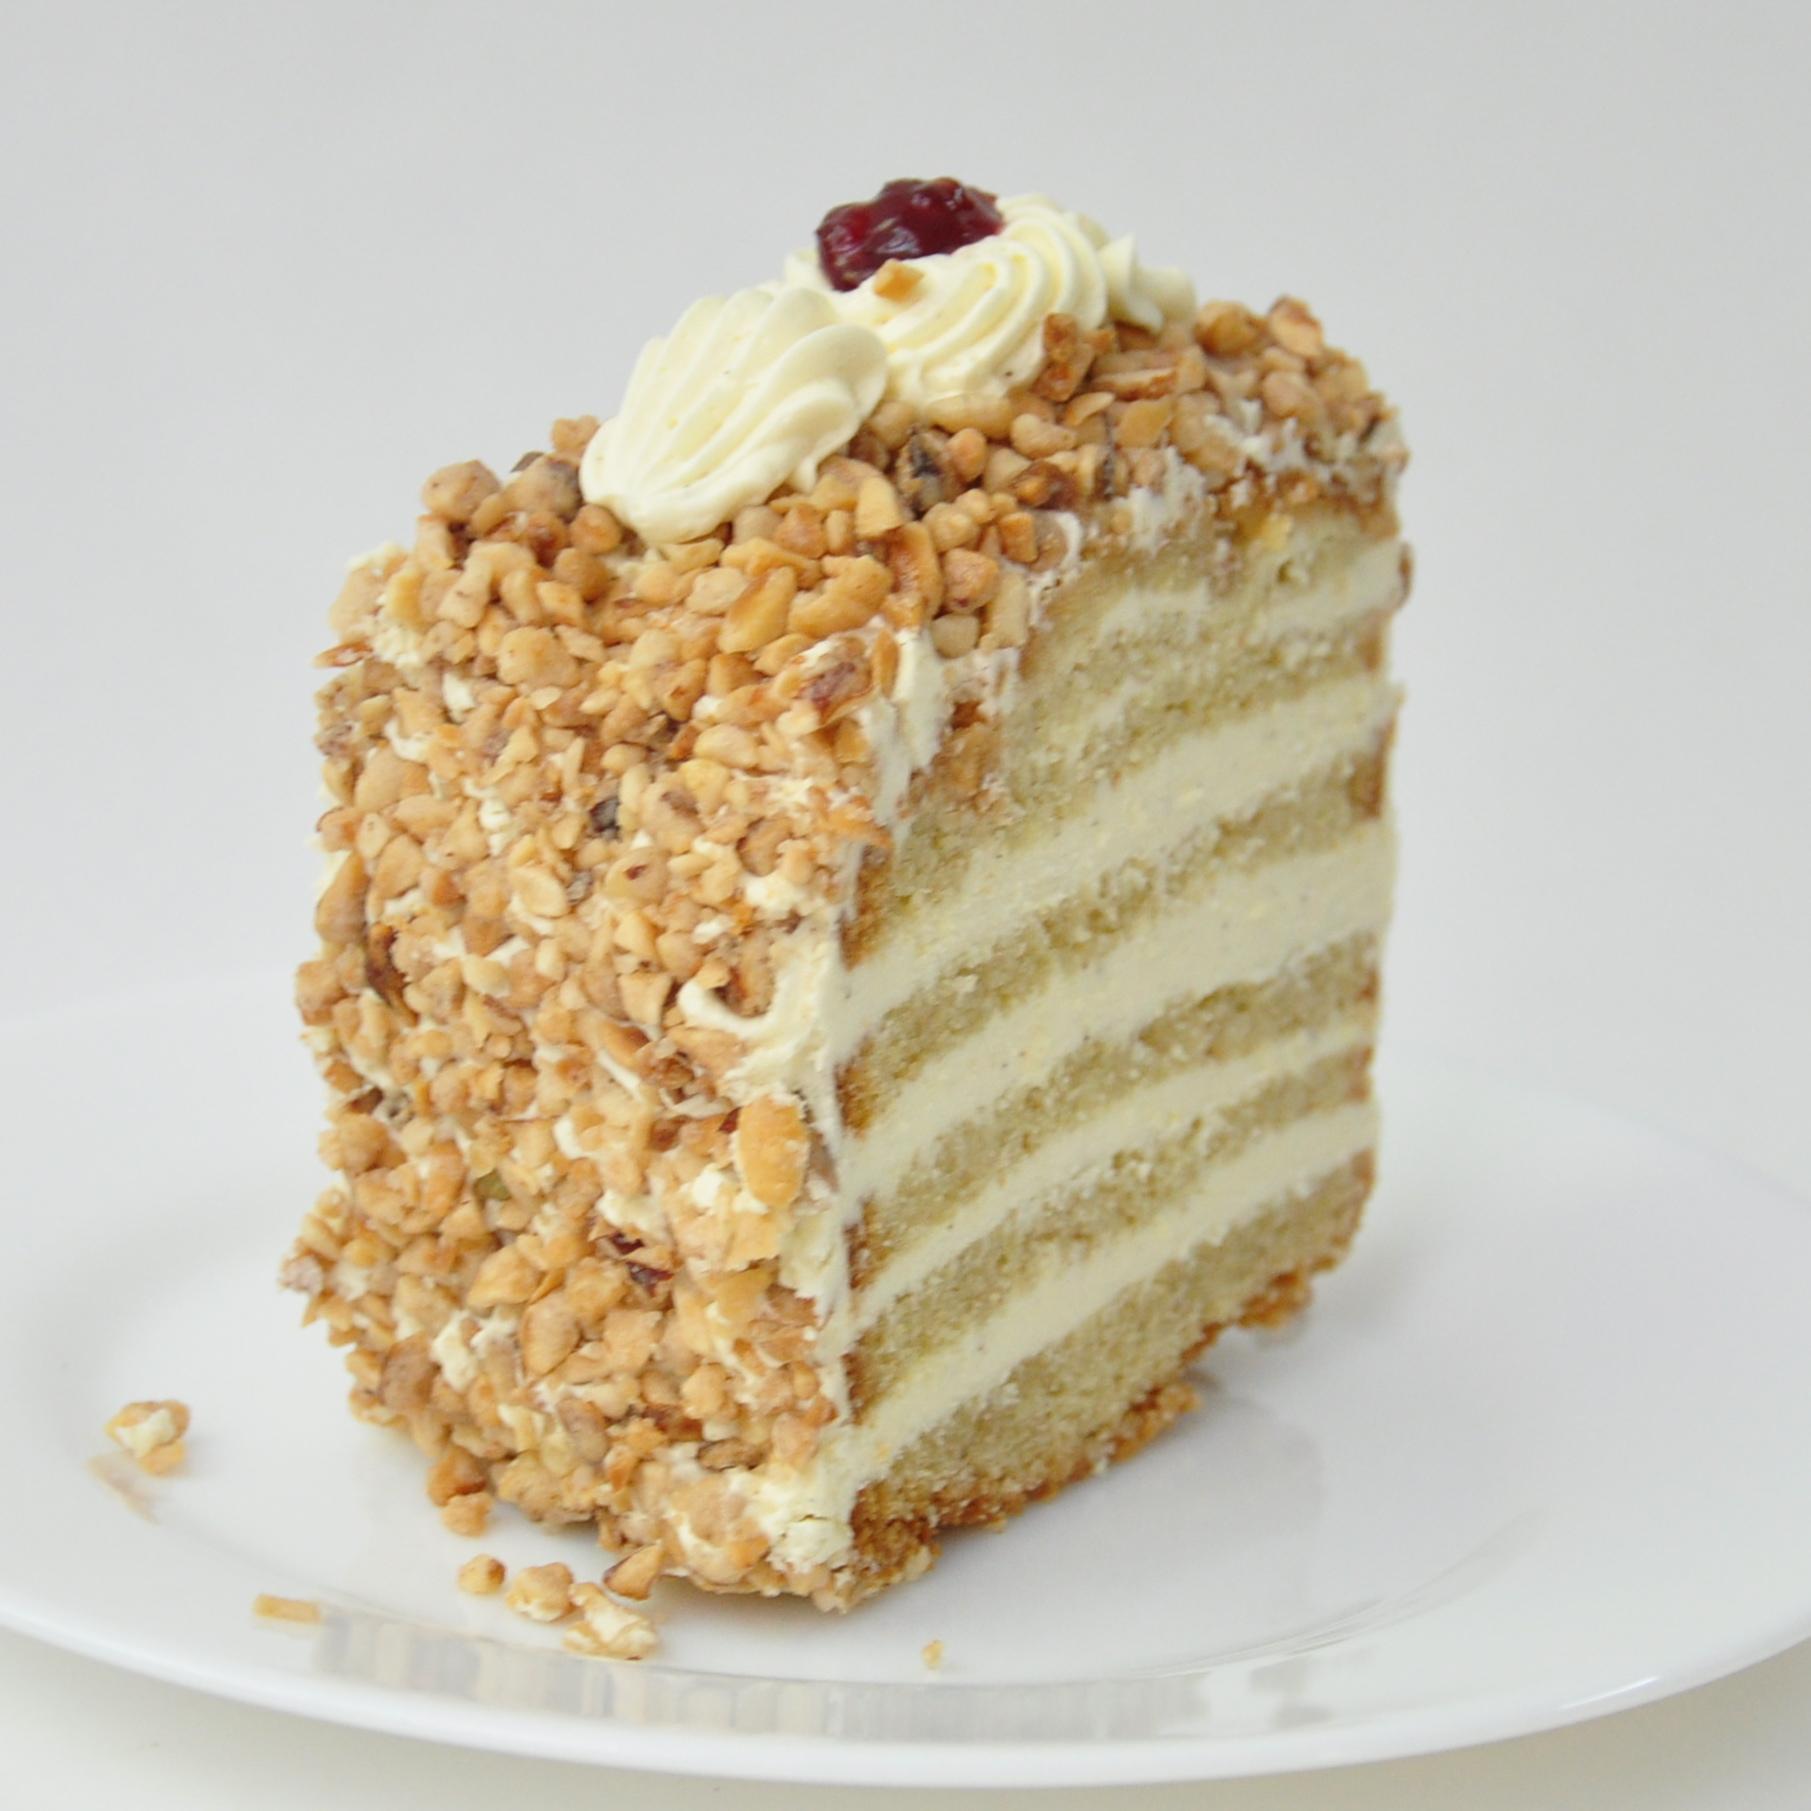 Eis-Voh-glutenfrei-Kuchen-Frankfurter-Kranz